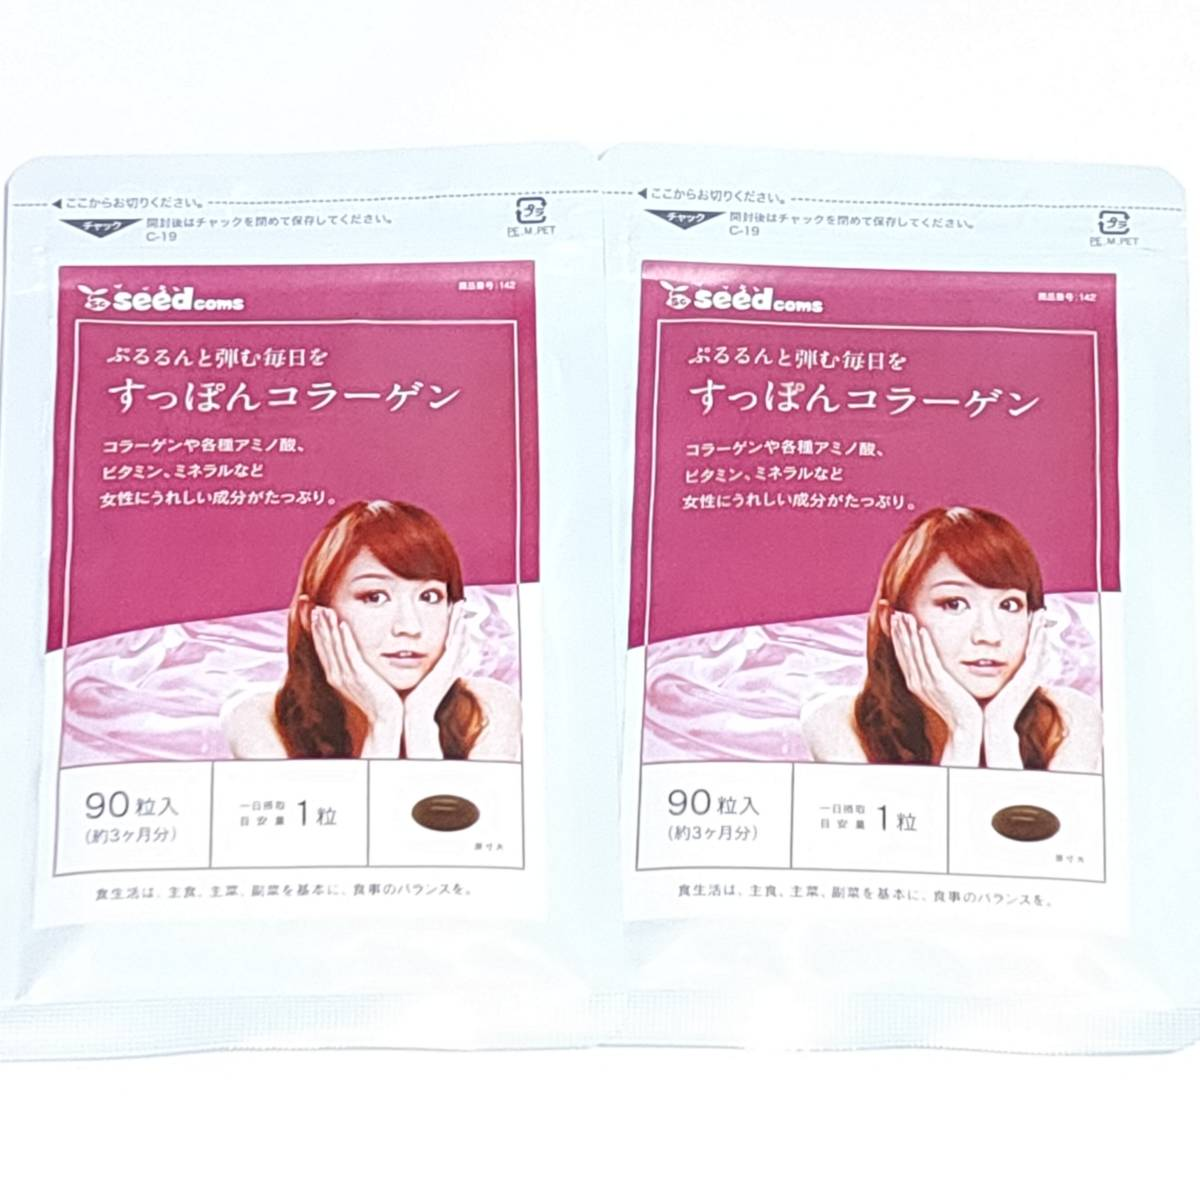 【シードコムス サプリメント】すっぽんコラーゲン 約6ヶ月分(約3ヶ月分×2袋) ヒアルロン酸 ビタミン ミネラル サプリ 健康食品 送料無料_画像1